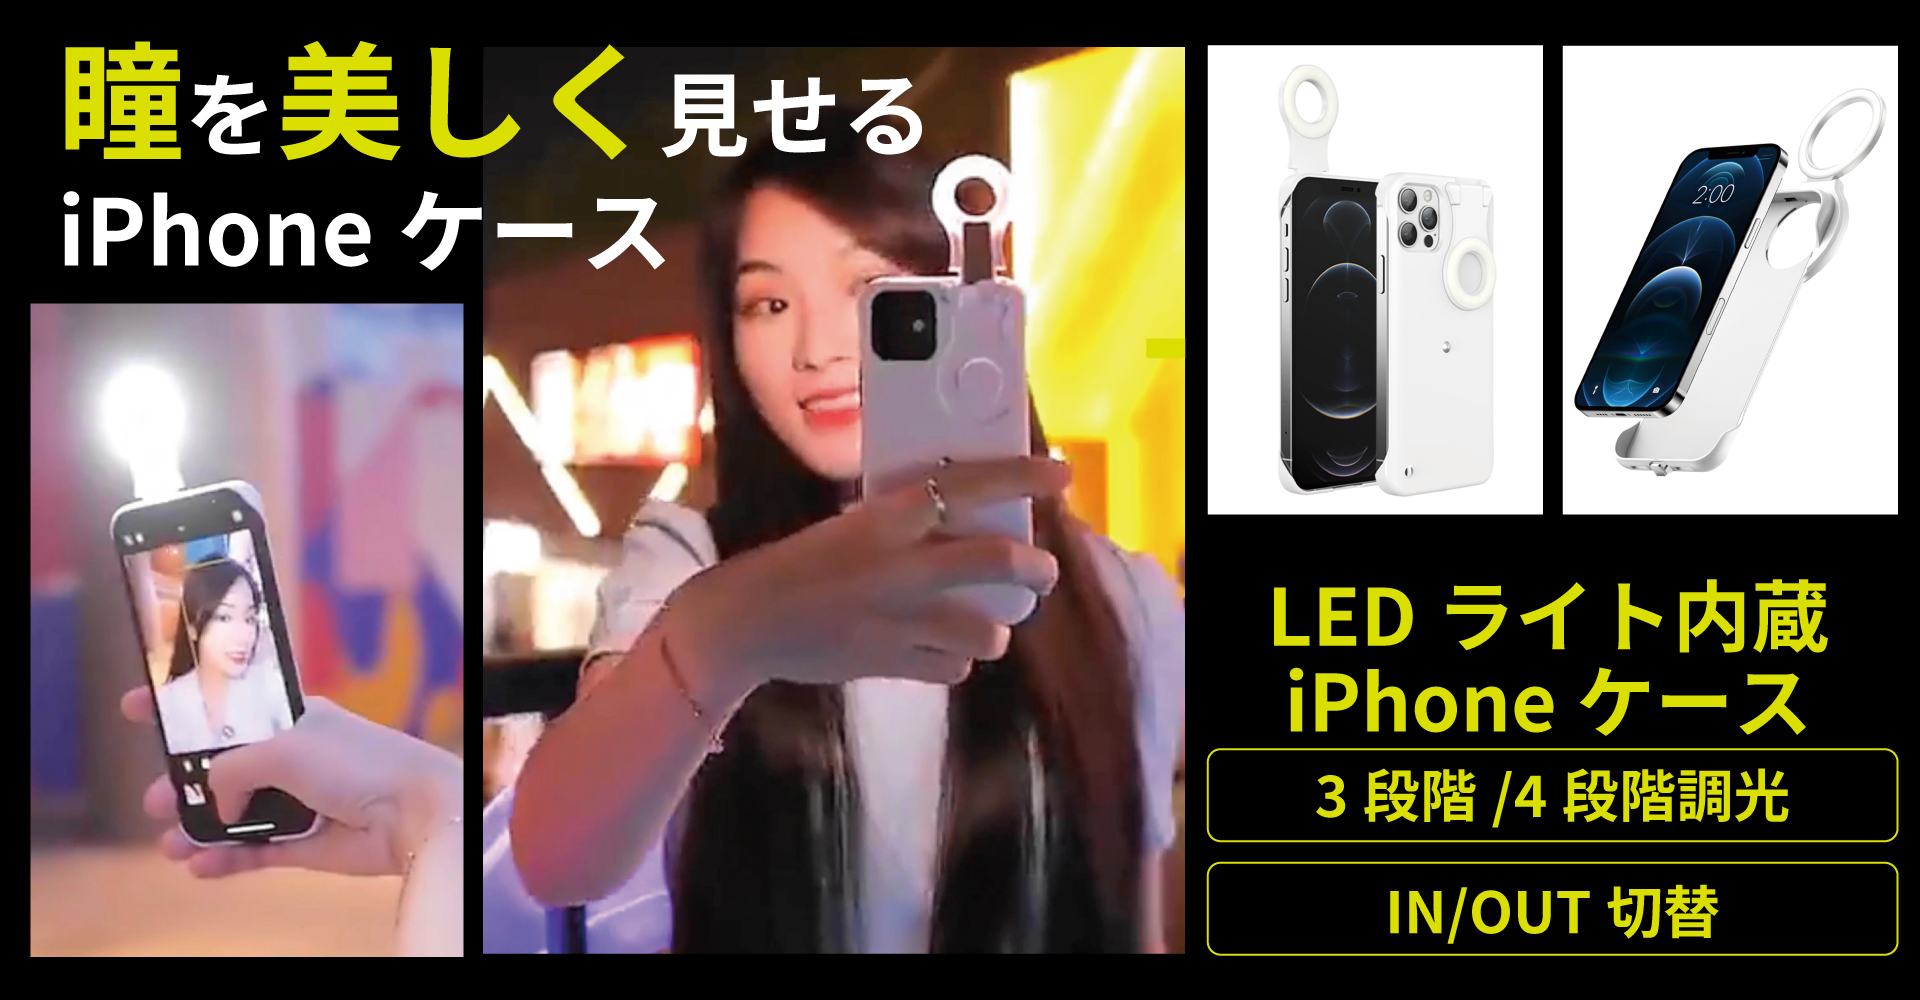 セルフィーライト(LEDリングライト)付スマホケース